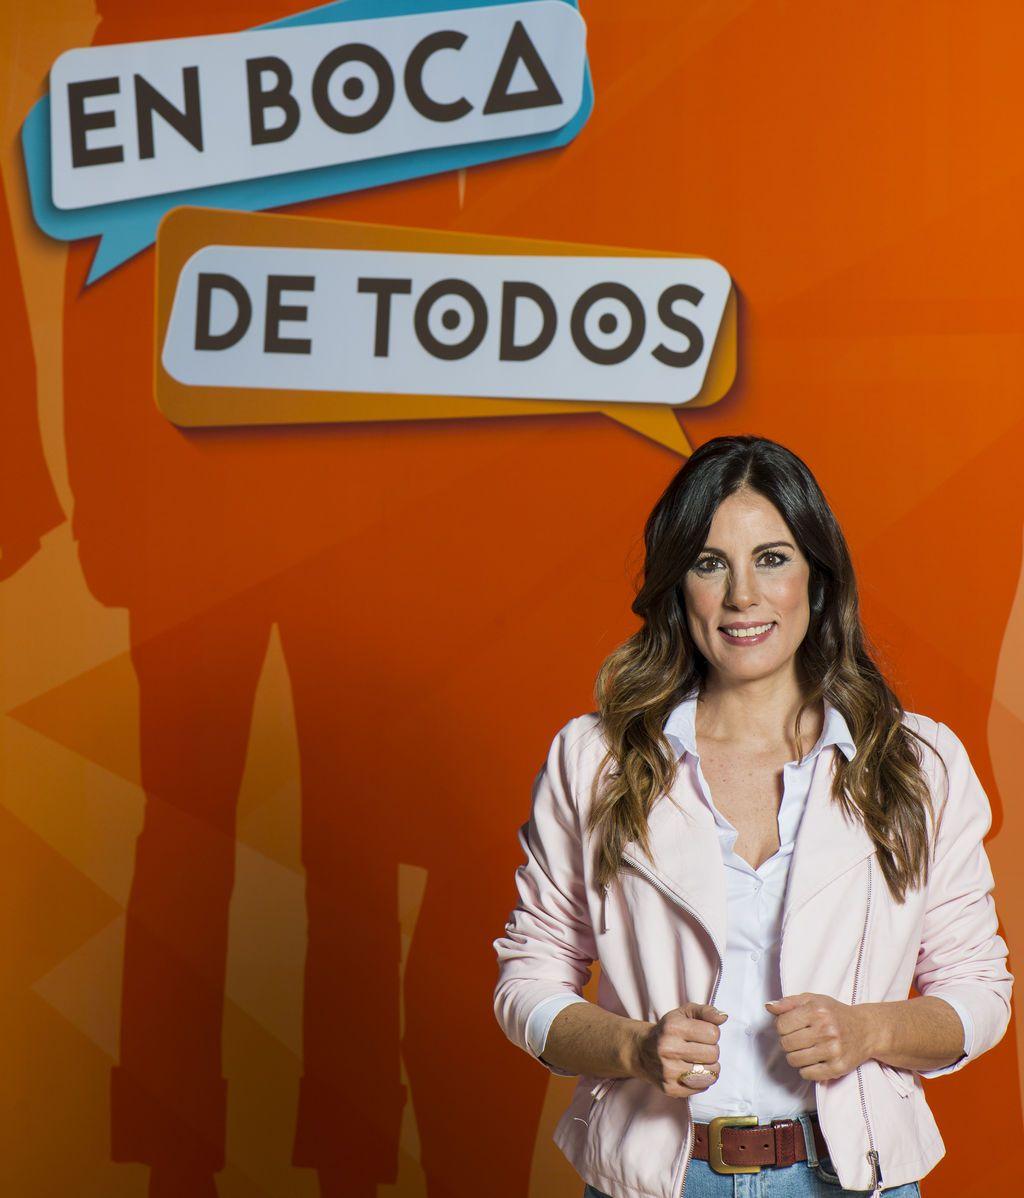 Alicia Senovilla, presentadora de 'En boca de todos' en Telemadrid.